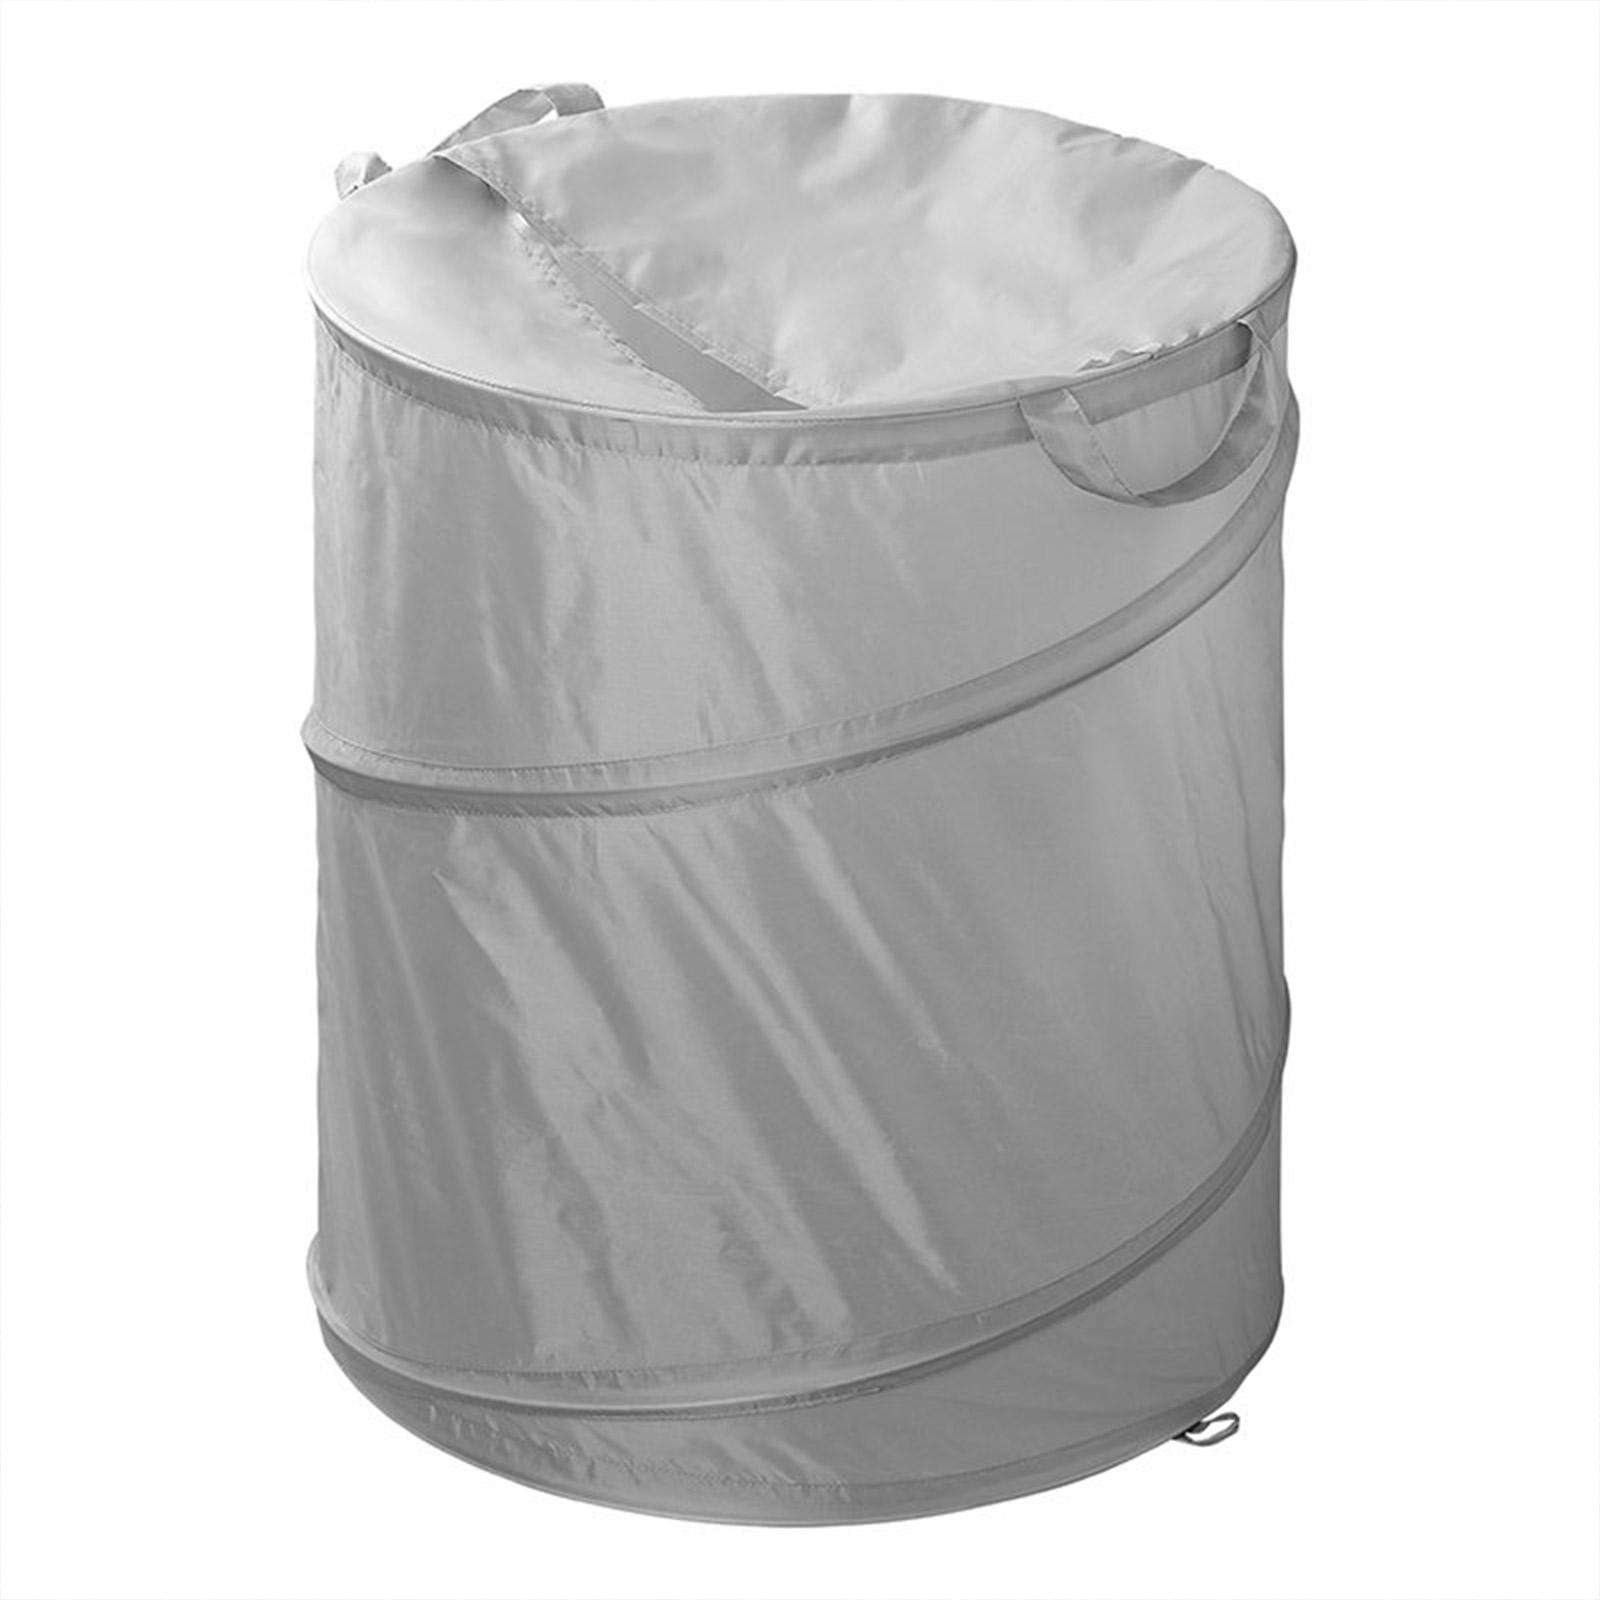 Faltbarer Wäschekorb | 51cm | Ø 45cm | Wäschesack | Wäschetonne | für Camping